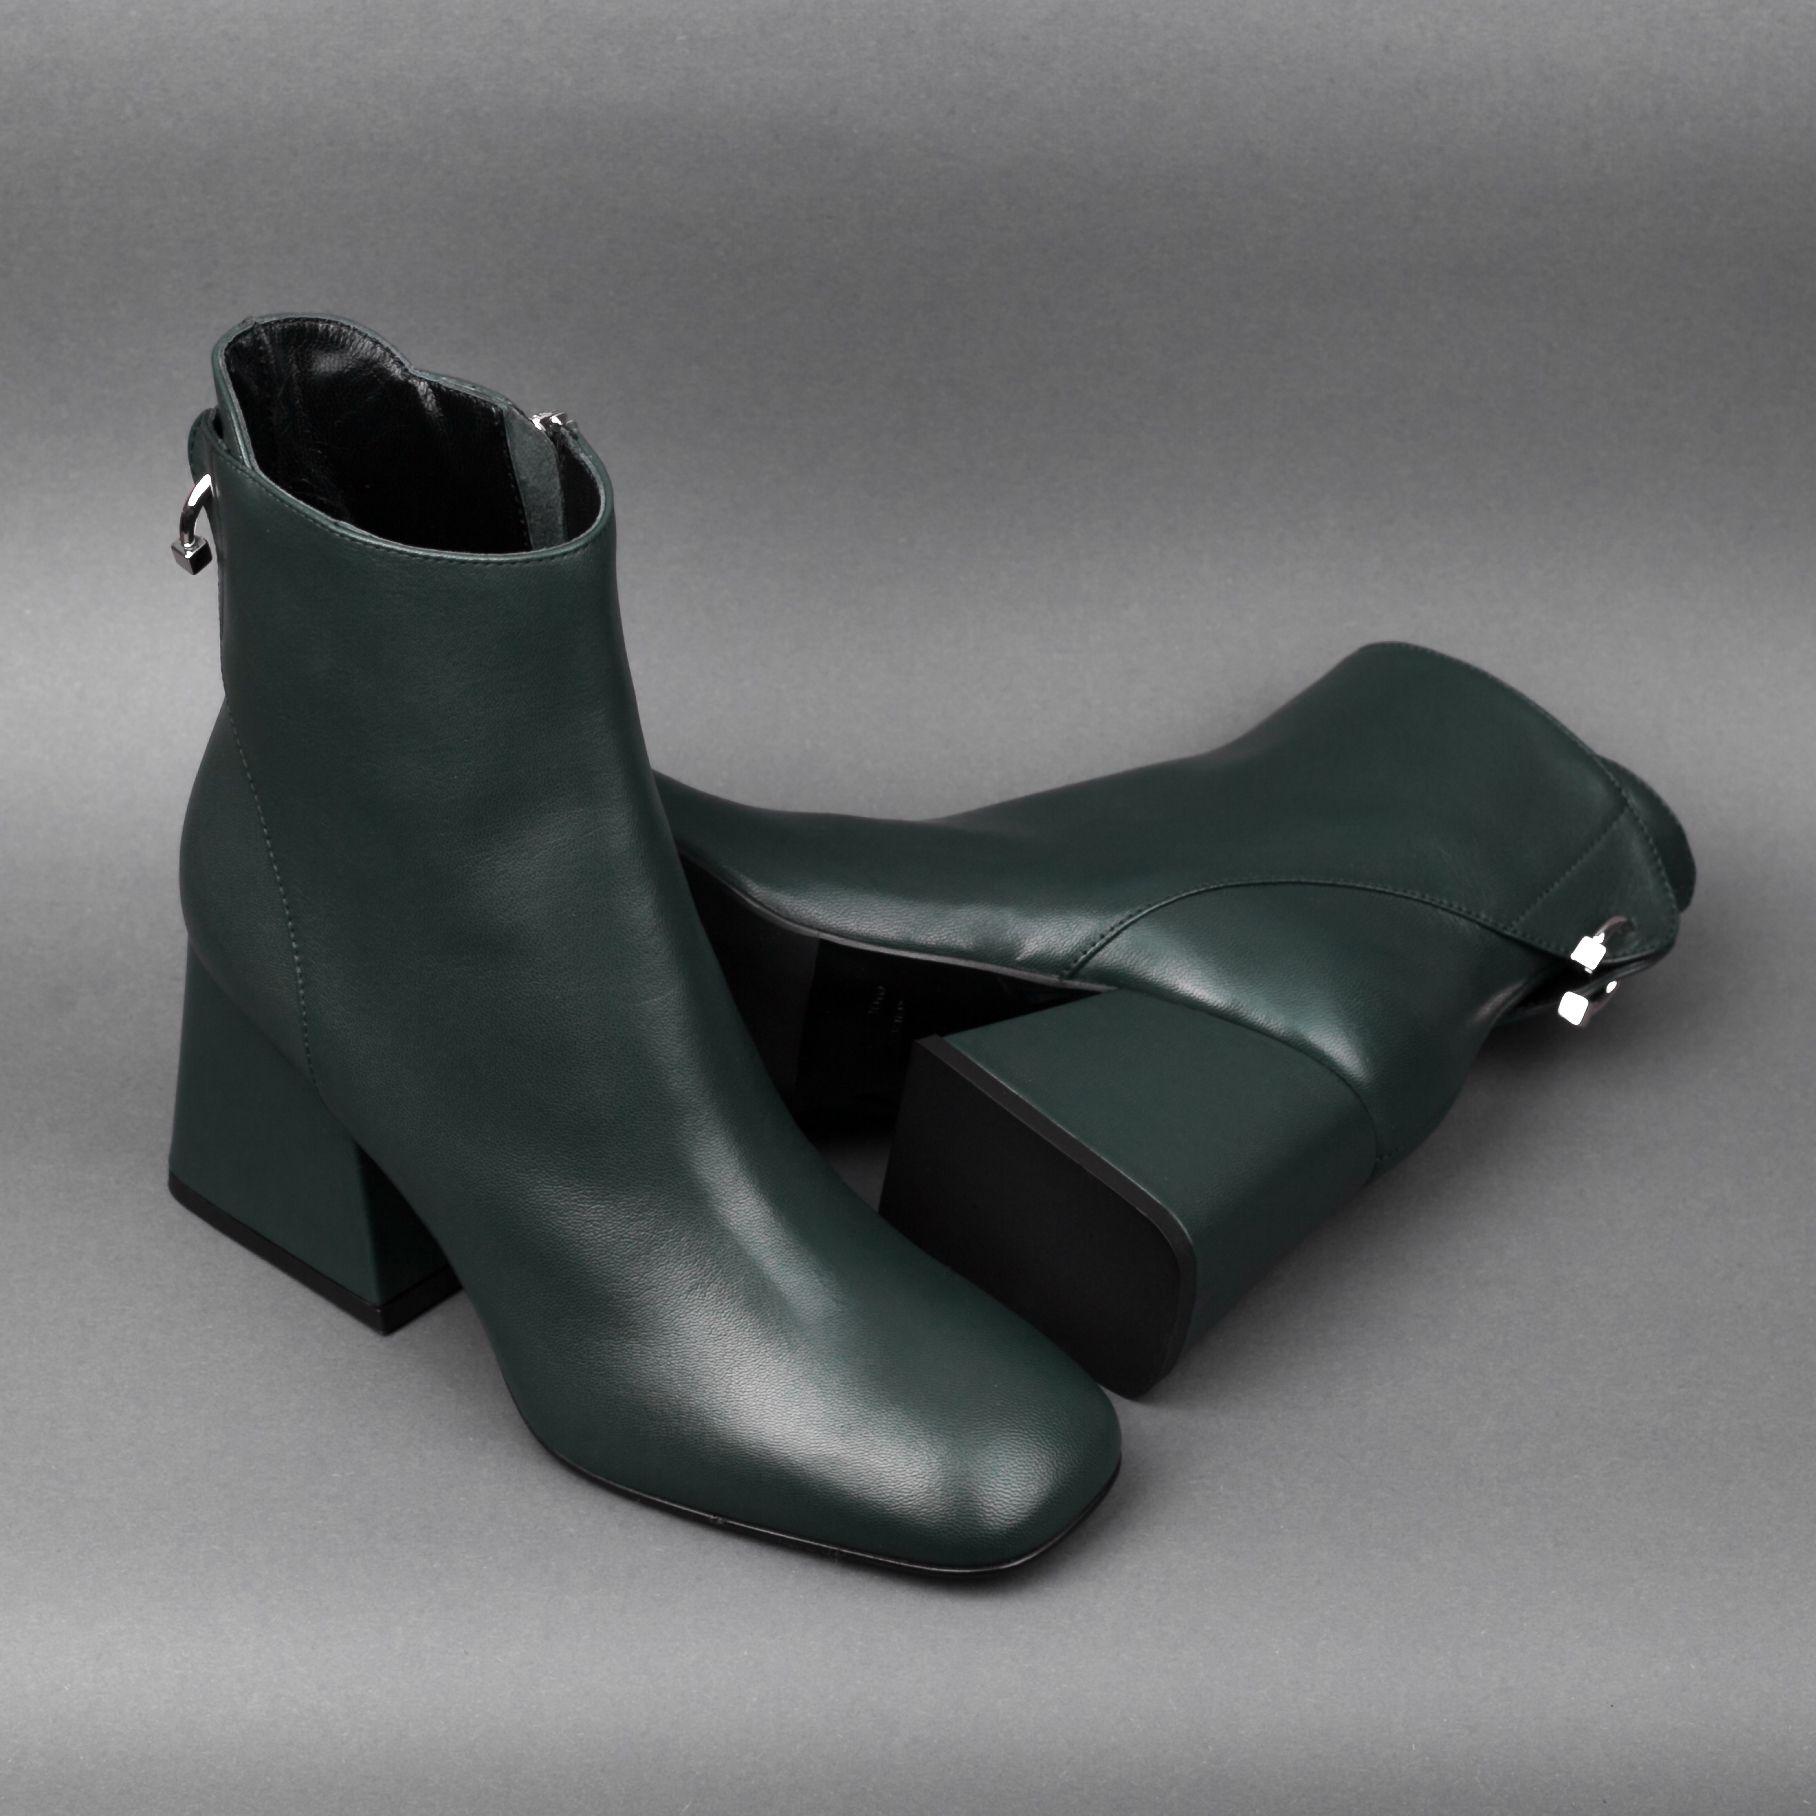 8166b8e68 ИТАЛЬЯНСКАЯ КОЛЛЕКЦИЯ Женские стильные ботинки на низком устойчивом  каблуке! В цвете хаки выглядит еще элегантнее!